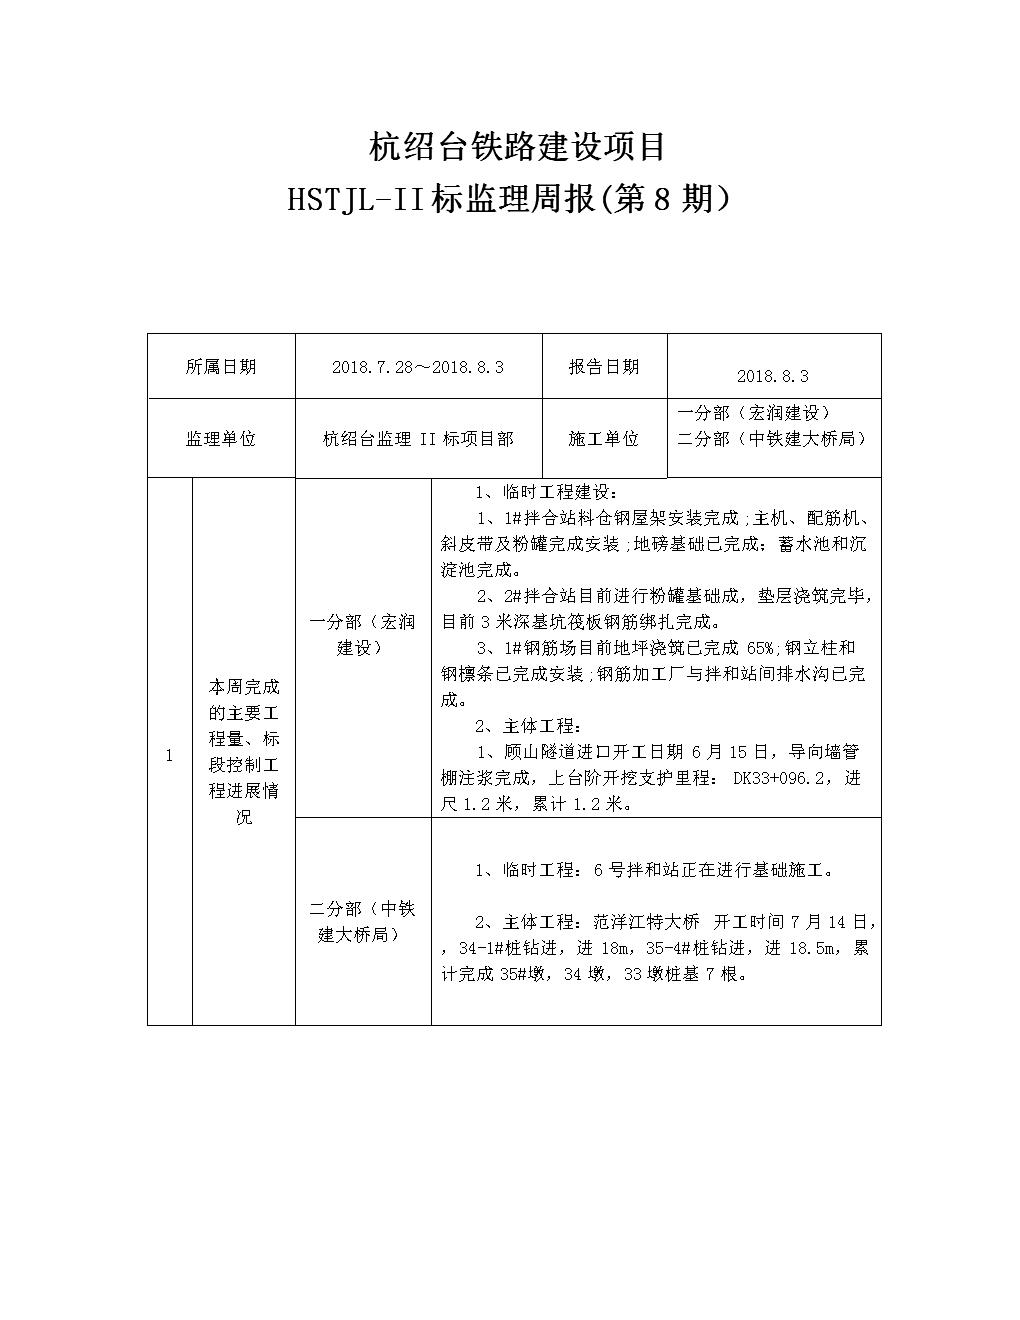 杭绍台II标铁路建设项目总监周报2018.8.3.doc